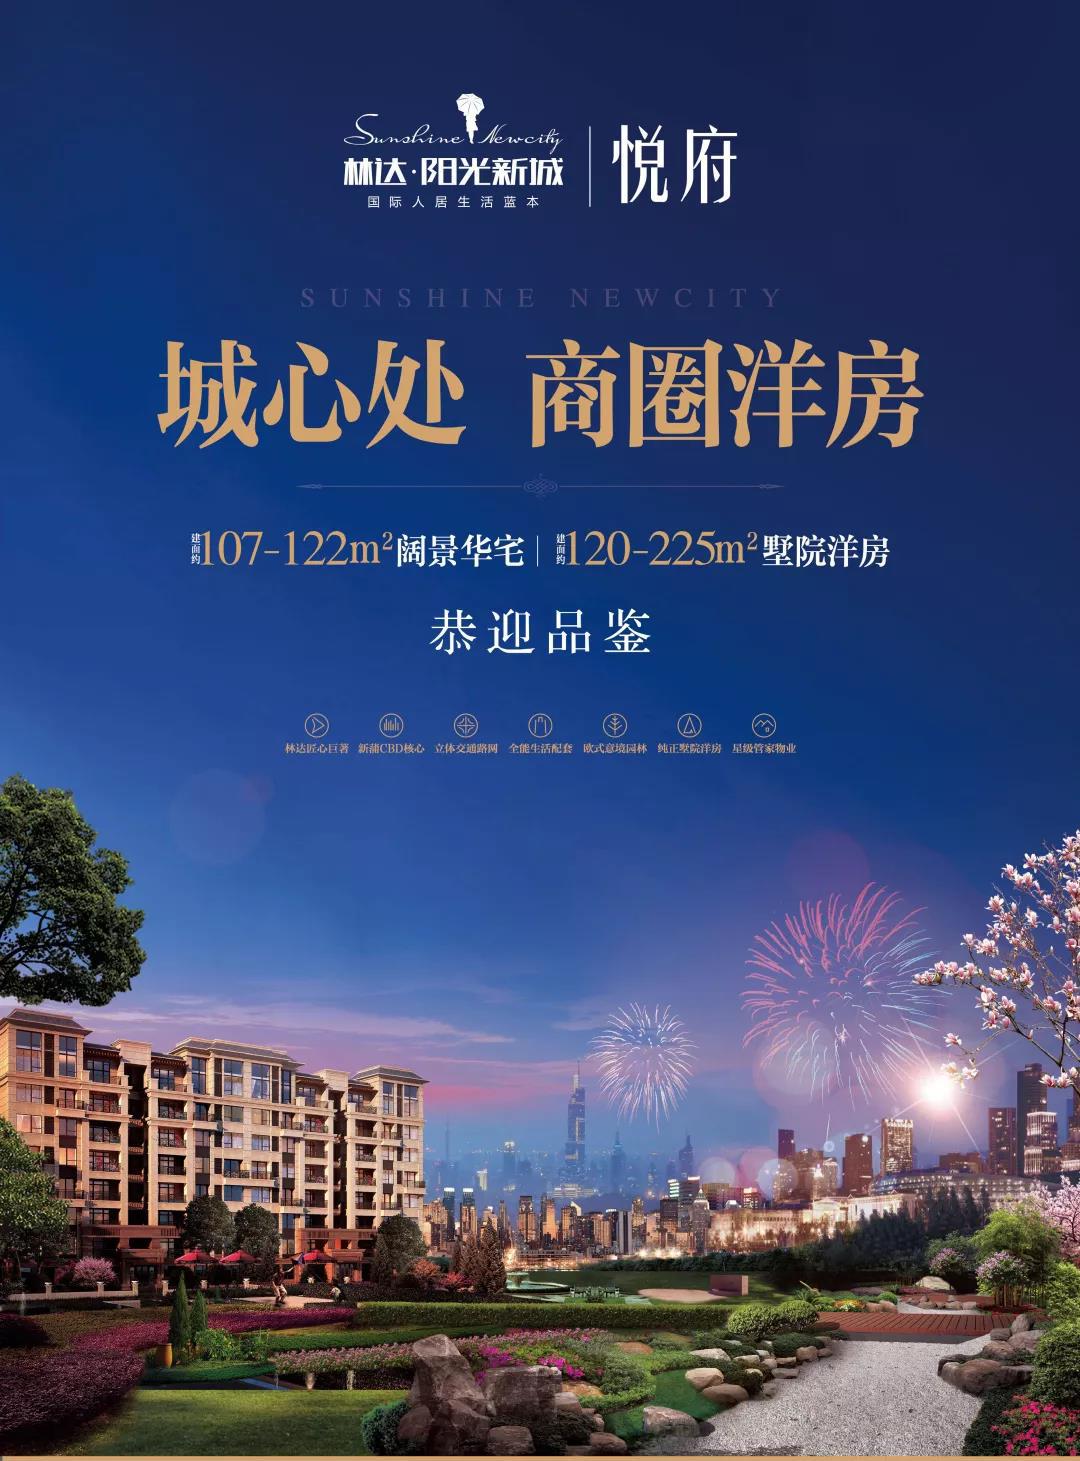 林达阳光新城 | 家里没书房 多款书房设计让你爱不释手-中国网地产